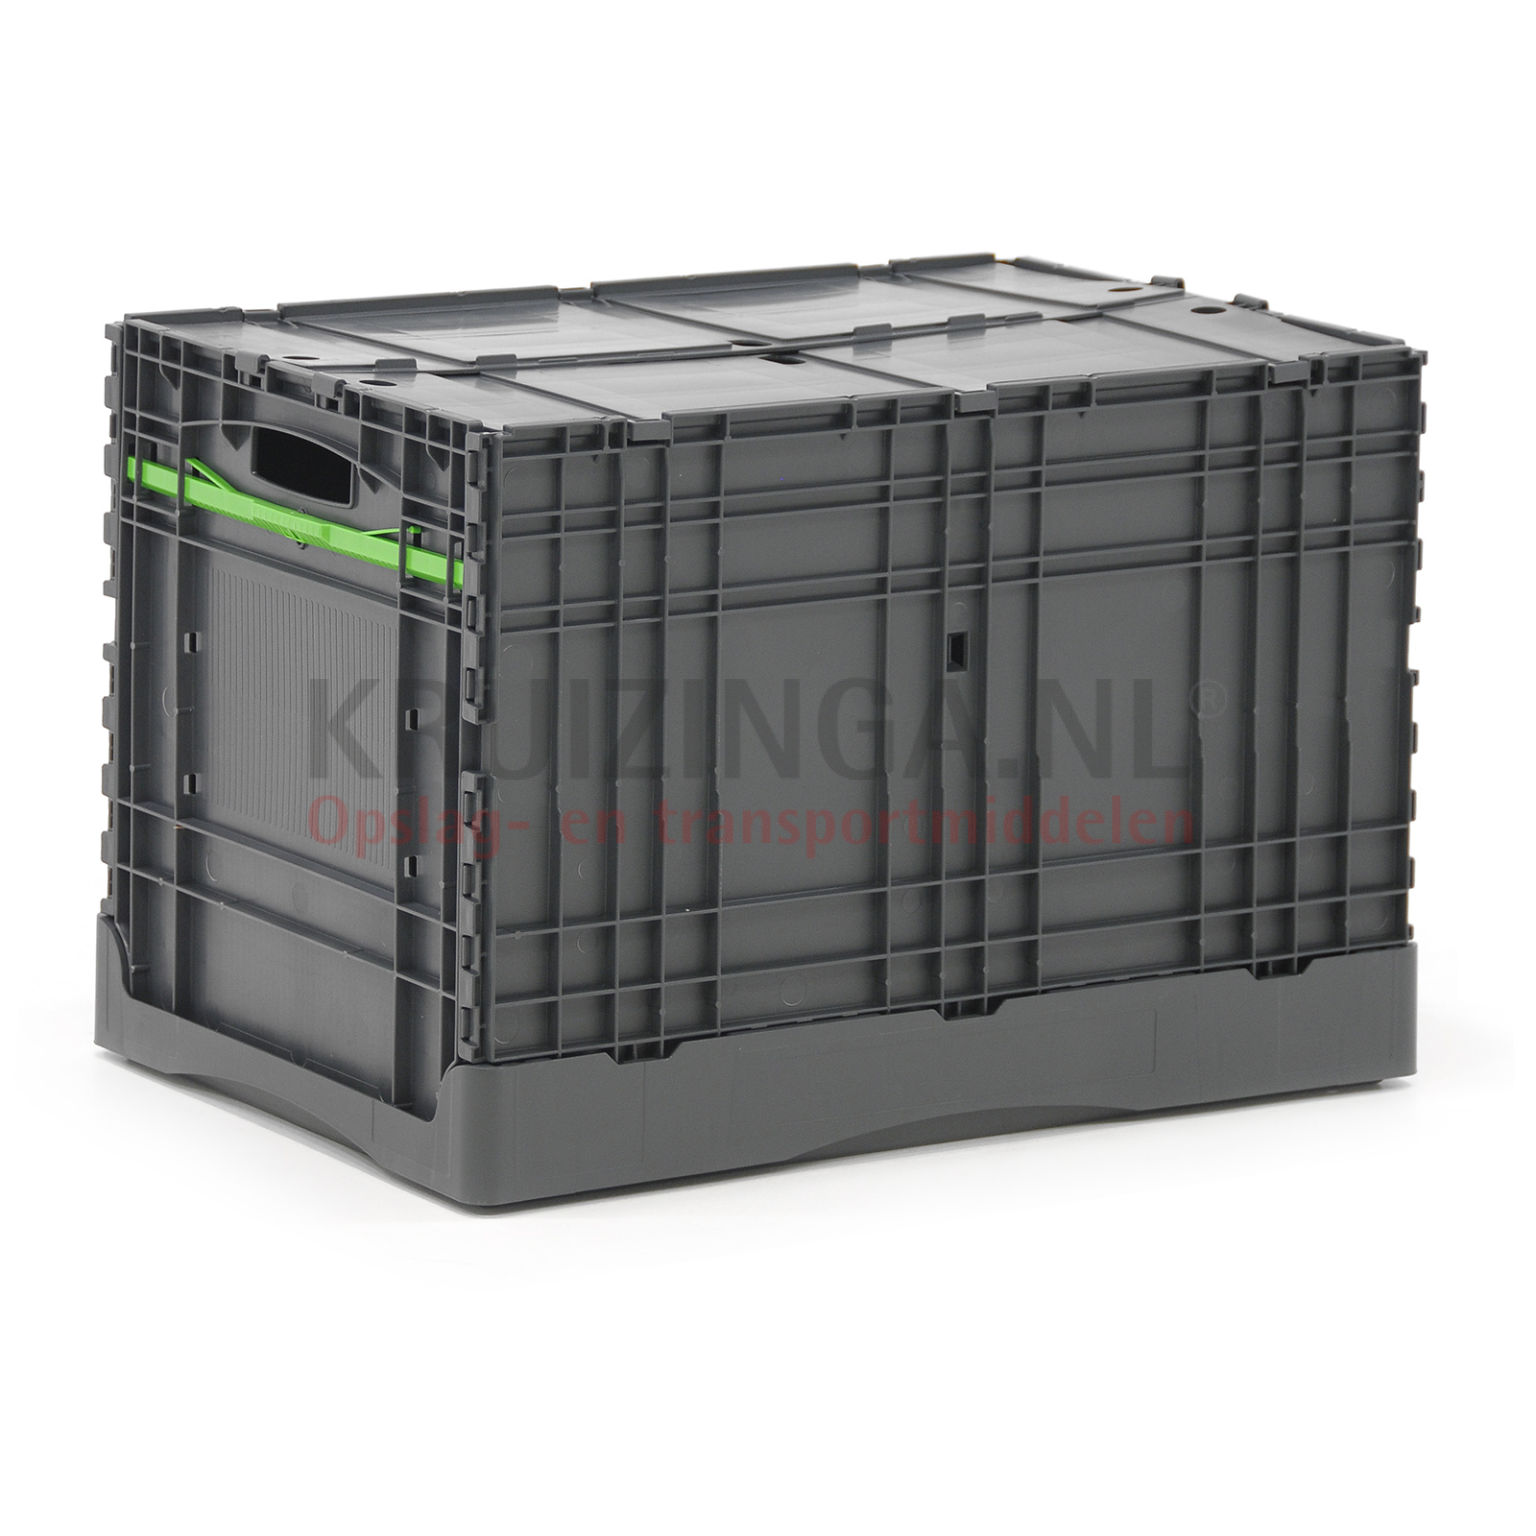 bac de rangement plastique avec couvercle boite rangement. Black Bedroom Furniture Sets. Home Design Ideas